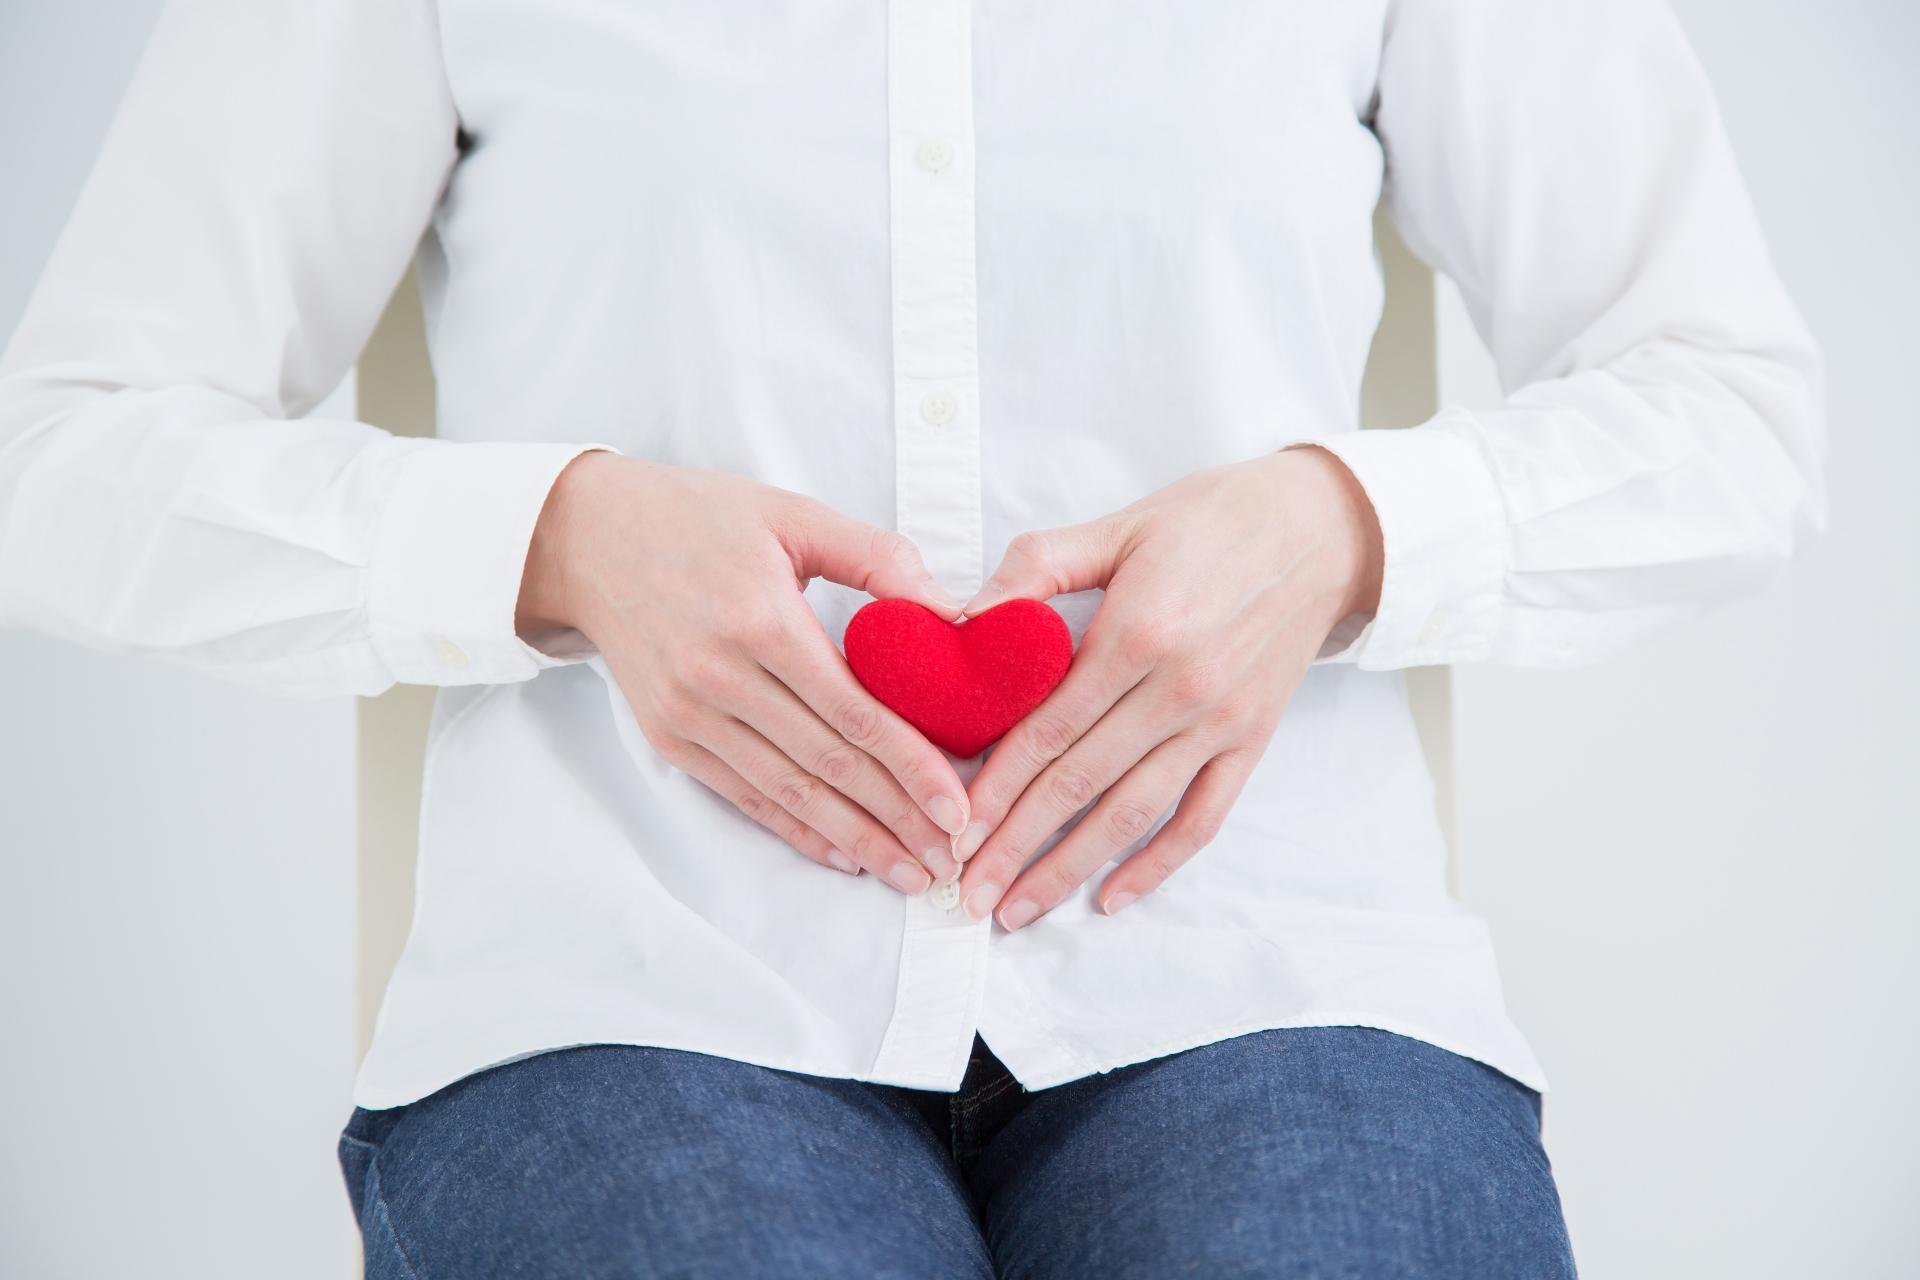 排卵痛が妊娠の絶好のタイミング?妊活中に知っておくといいこと